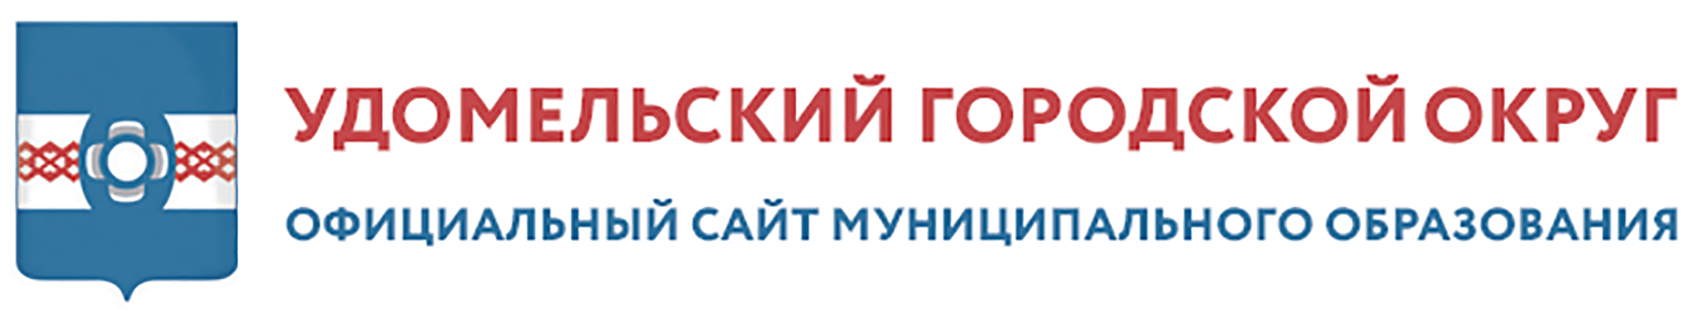 Удомельский городской округ